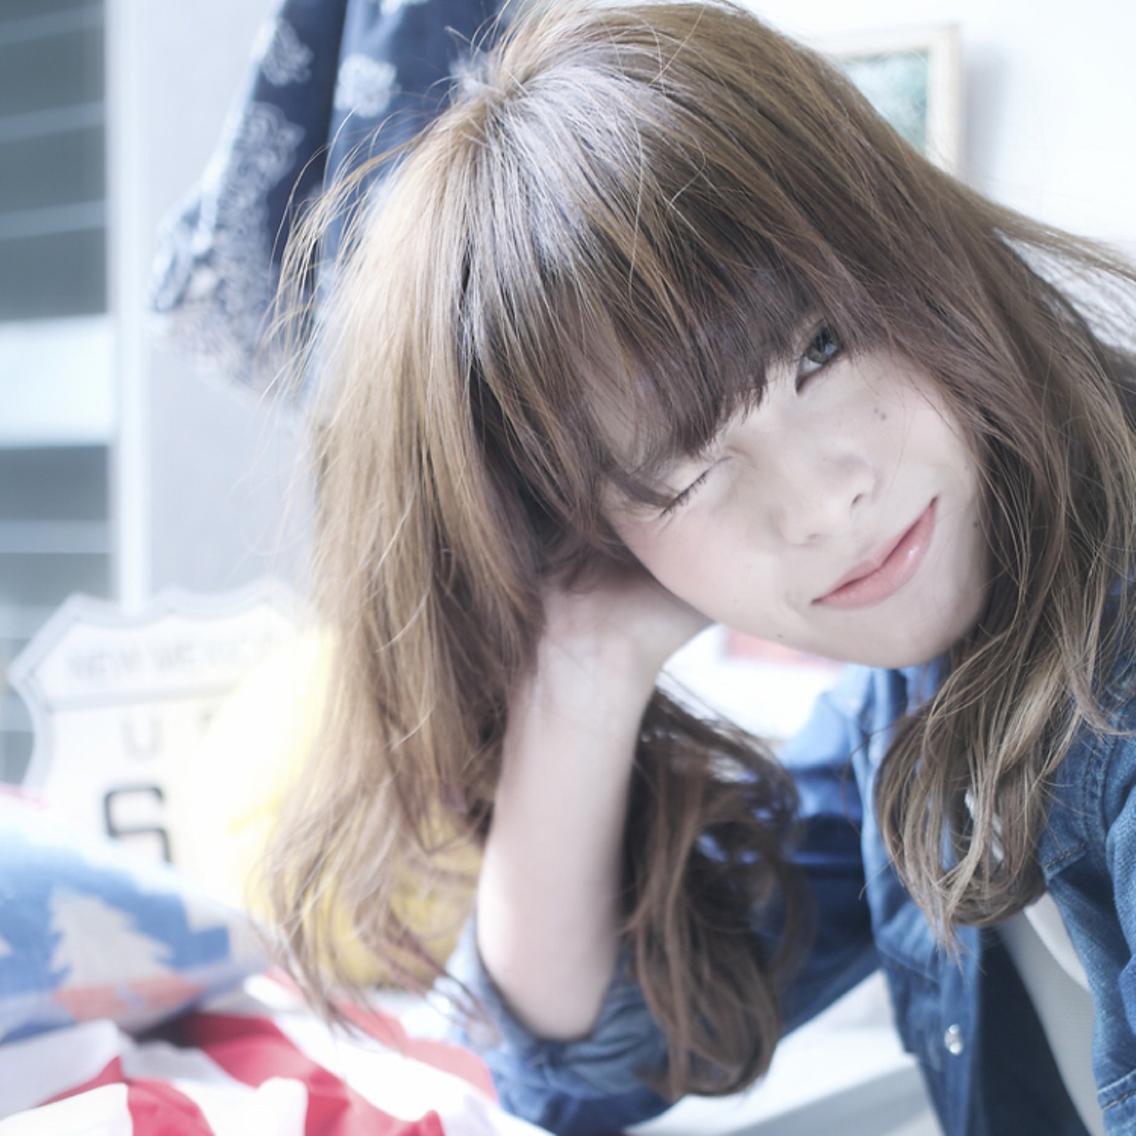 ⭐️リピート率No.1⭐︎THROWカラー⭐︎1月限定全メニュー60%OFF⭐️原宿本店から札幌に進出⭐️雑誌やヘアカタにも多数掲載‼️透明感のある外国人風カラーやメンズカットもお任せください⭐️